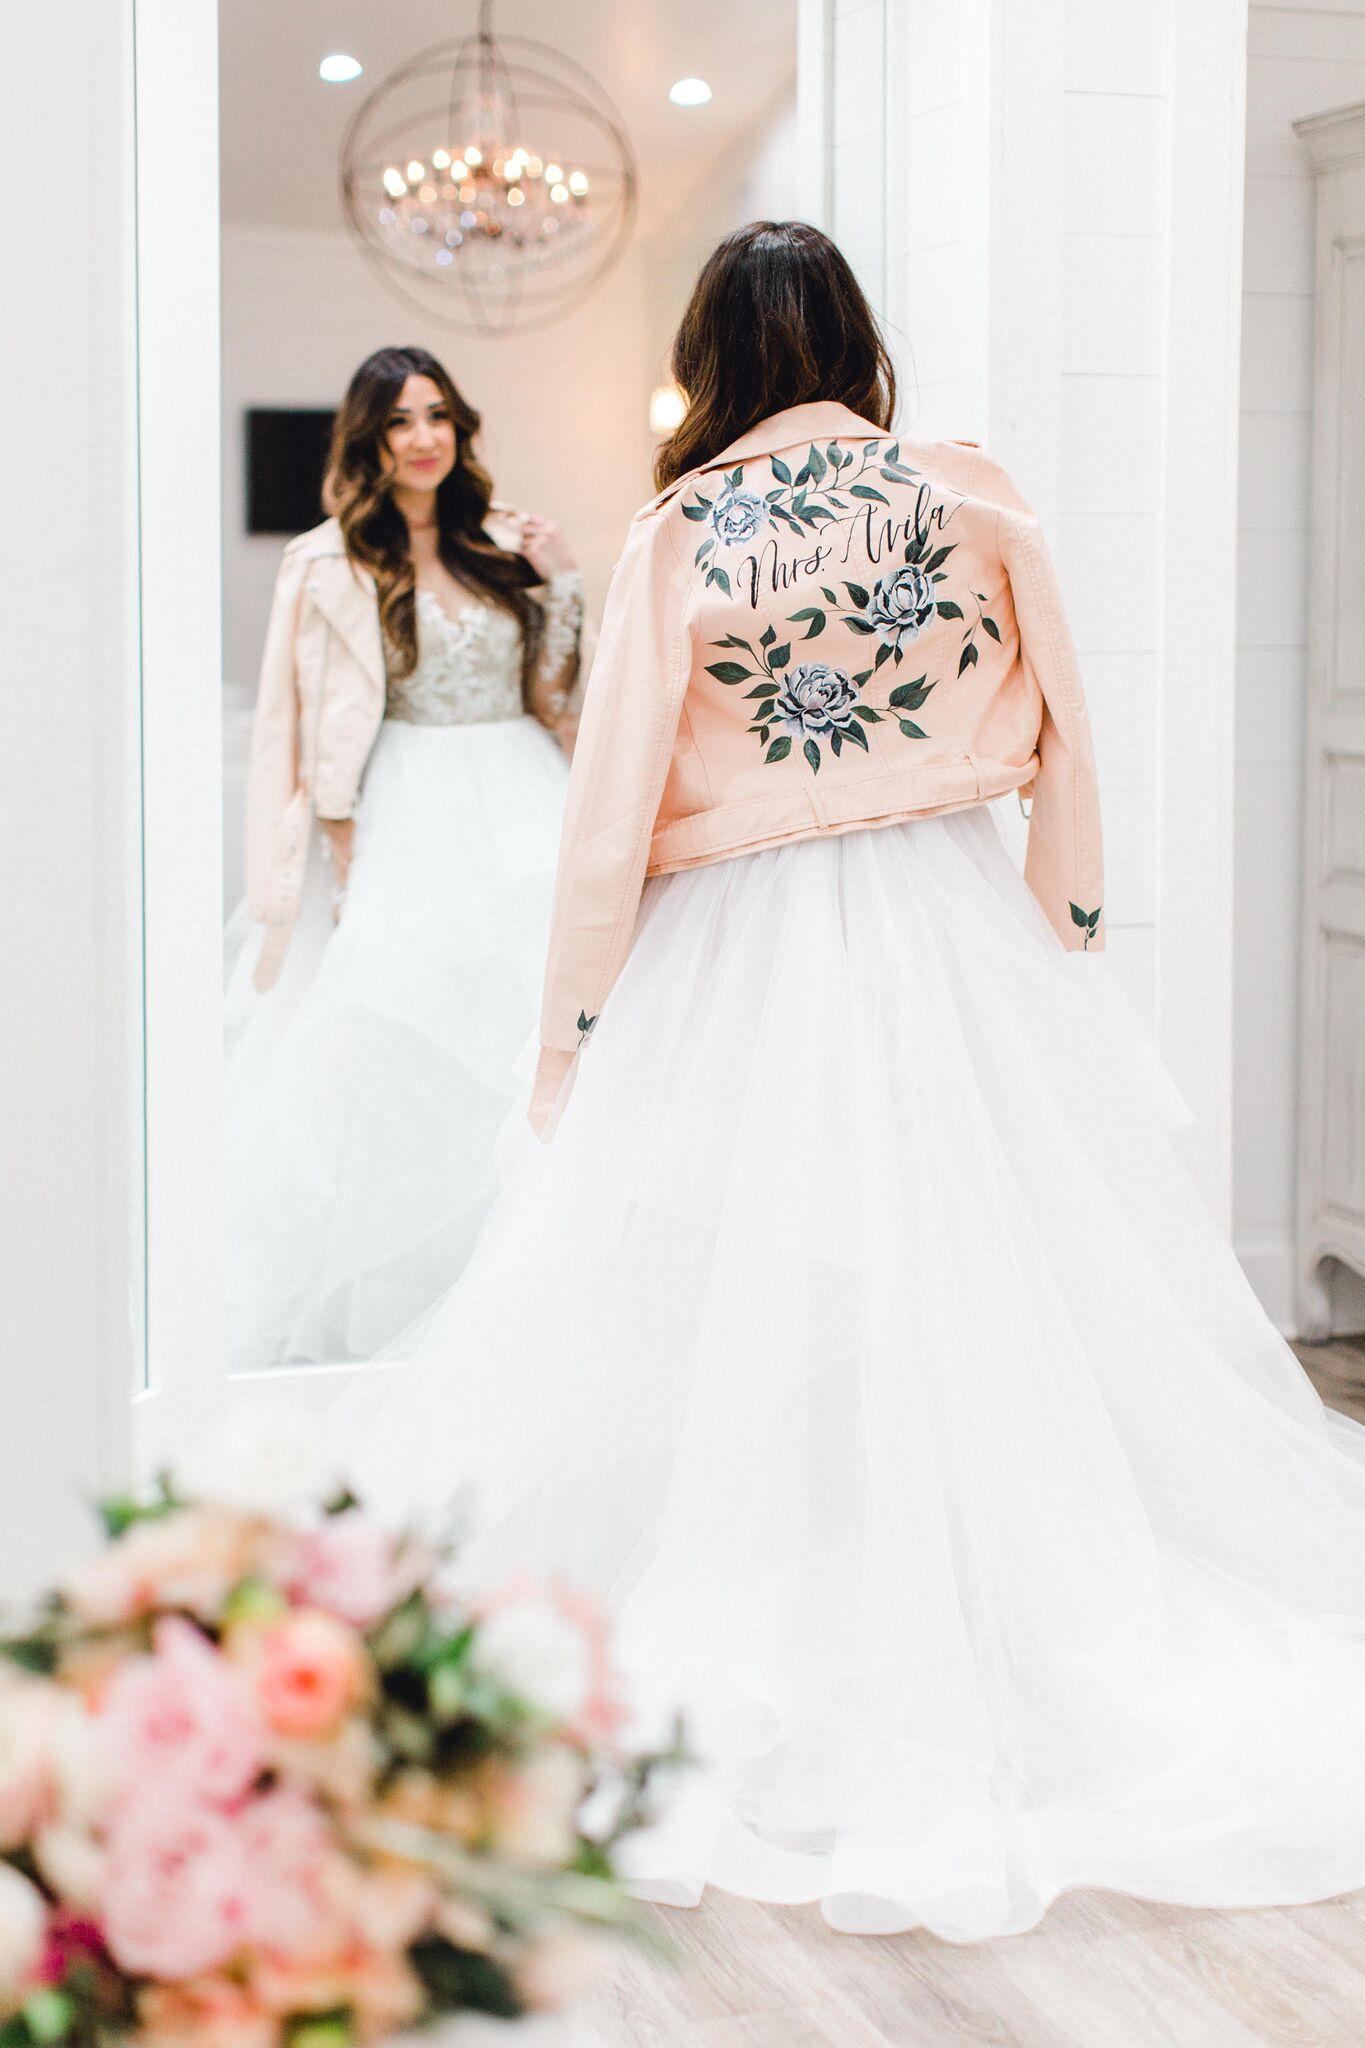 Bridal jackets